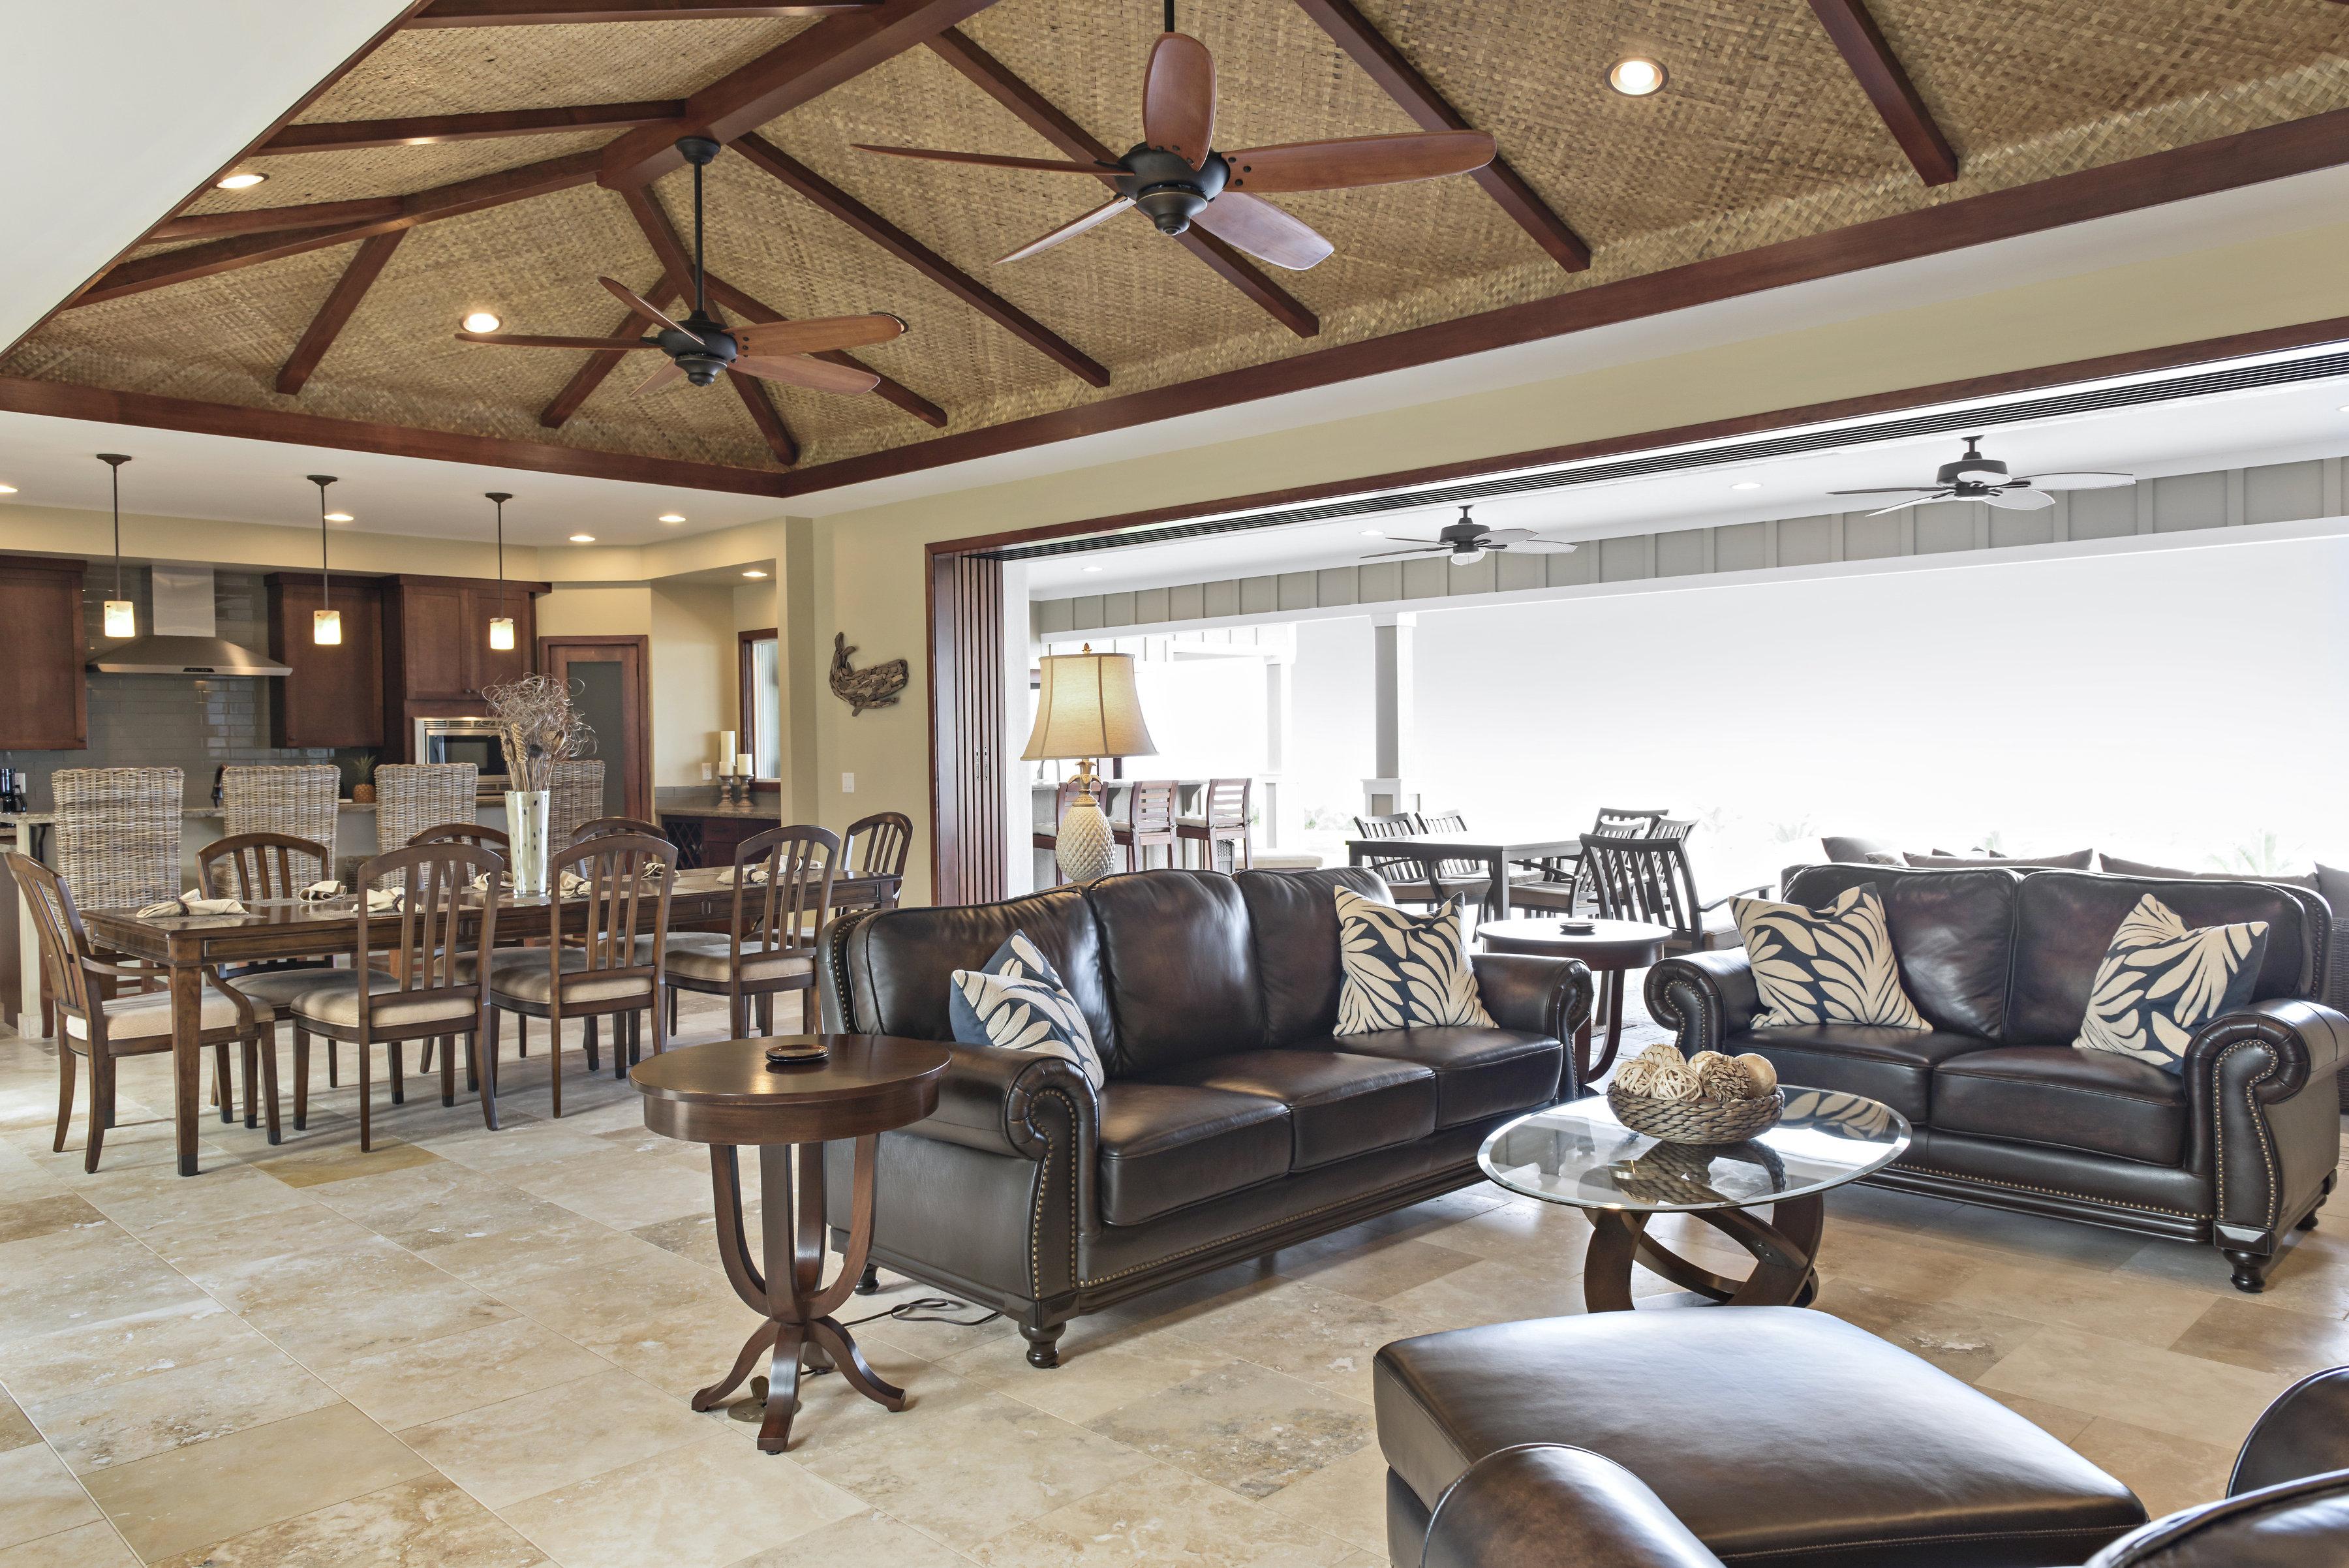 Living room with 22' wide doors